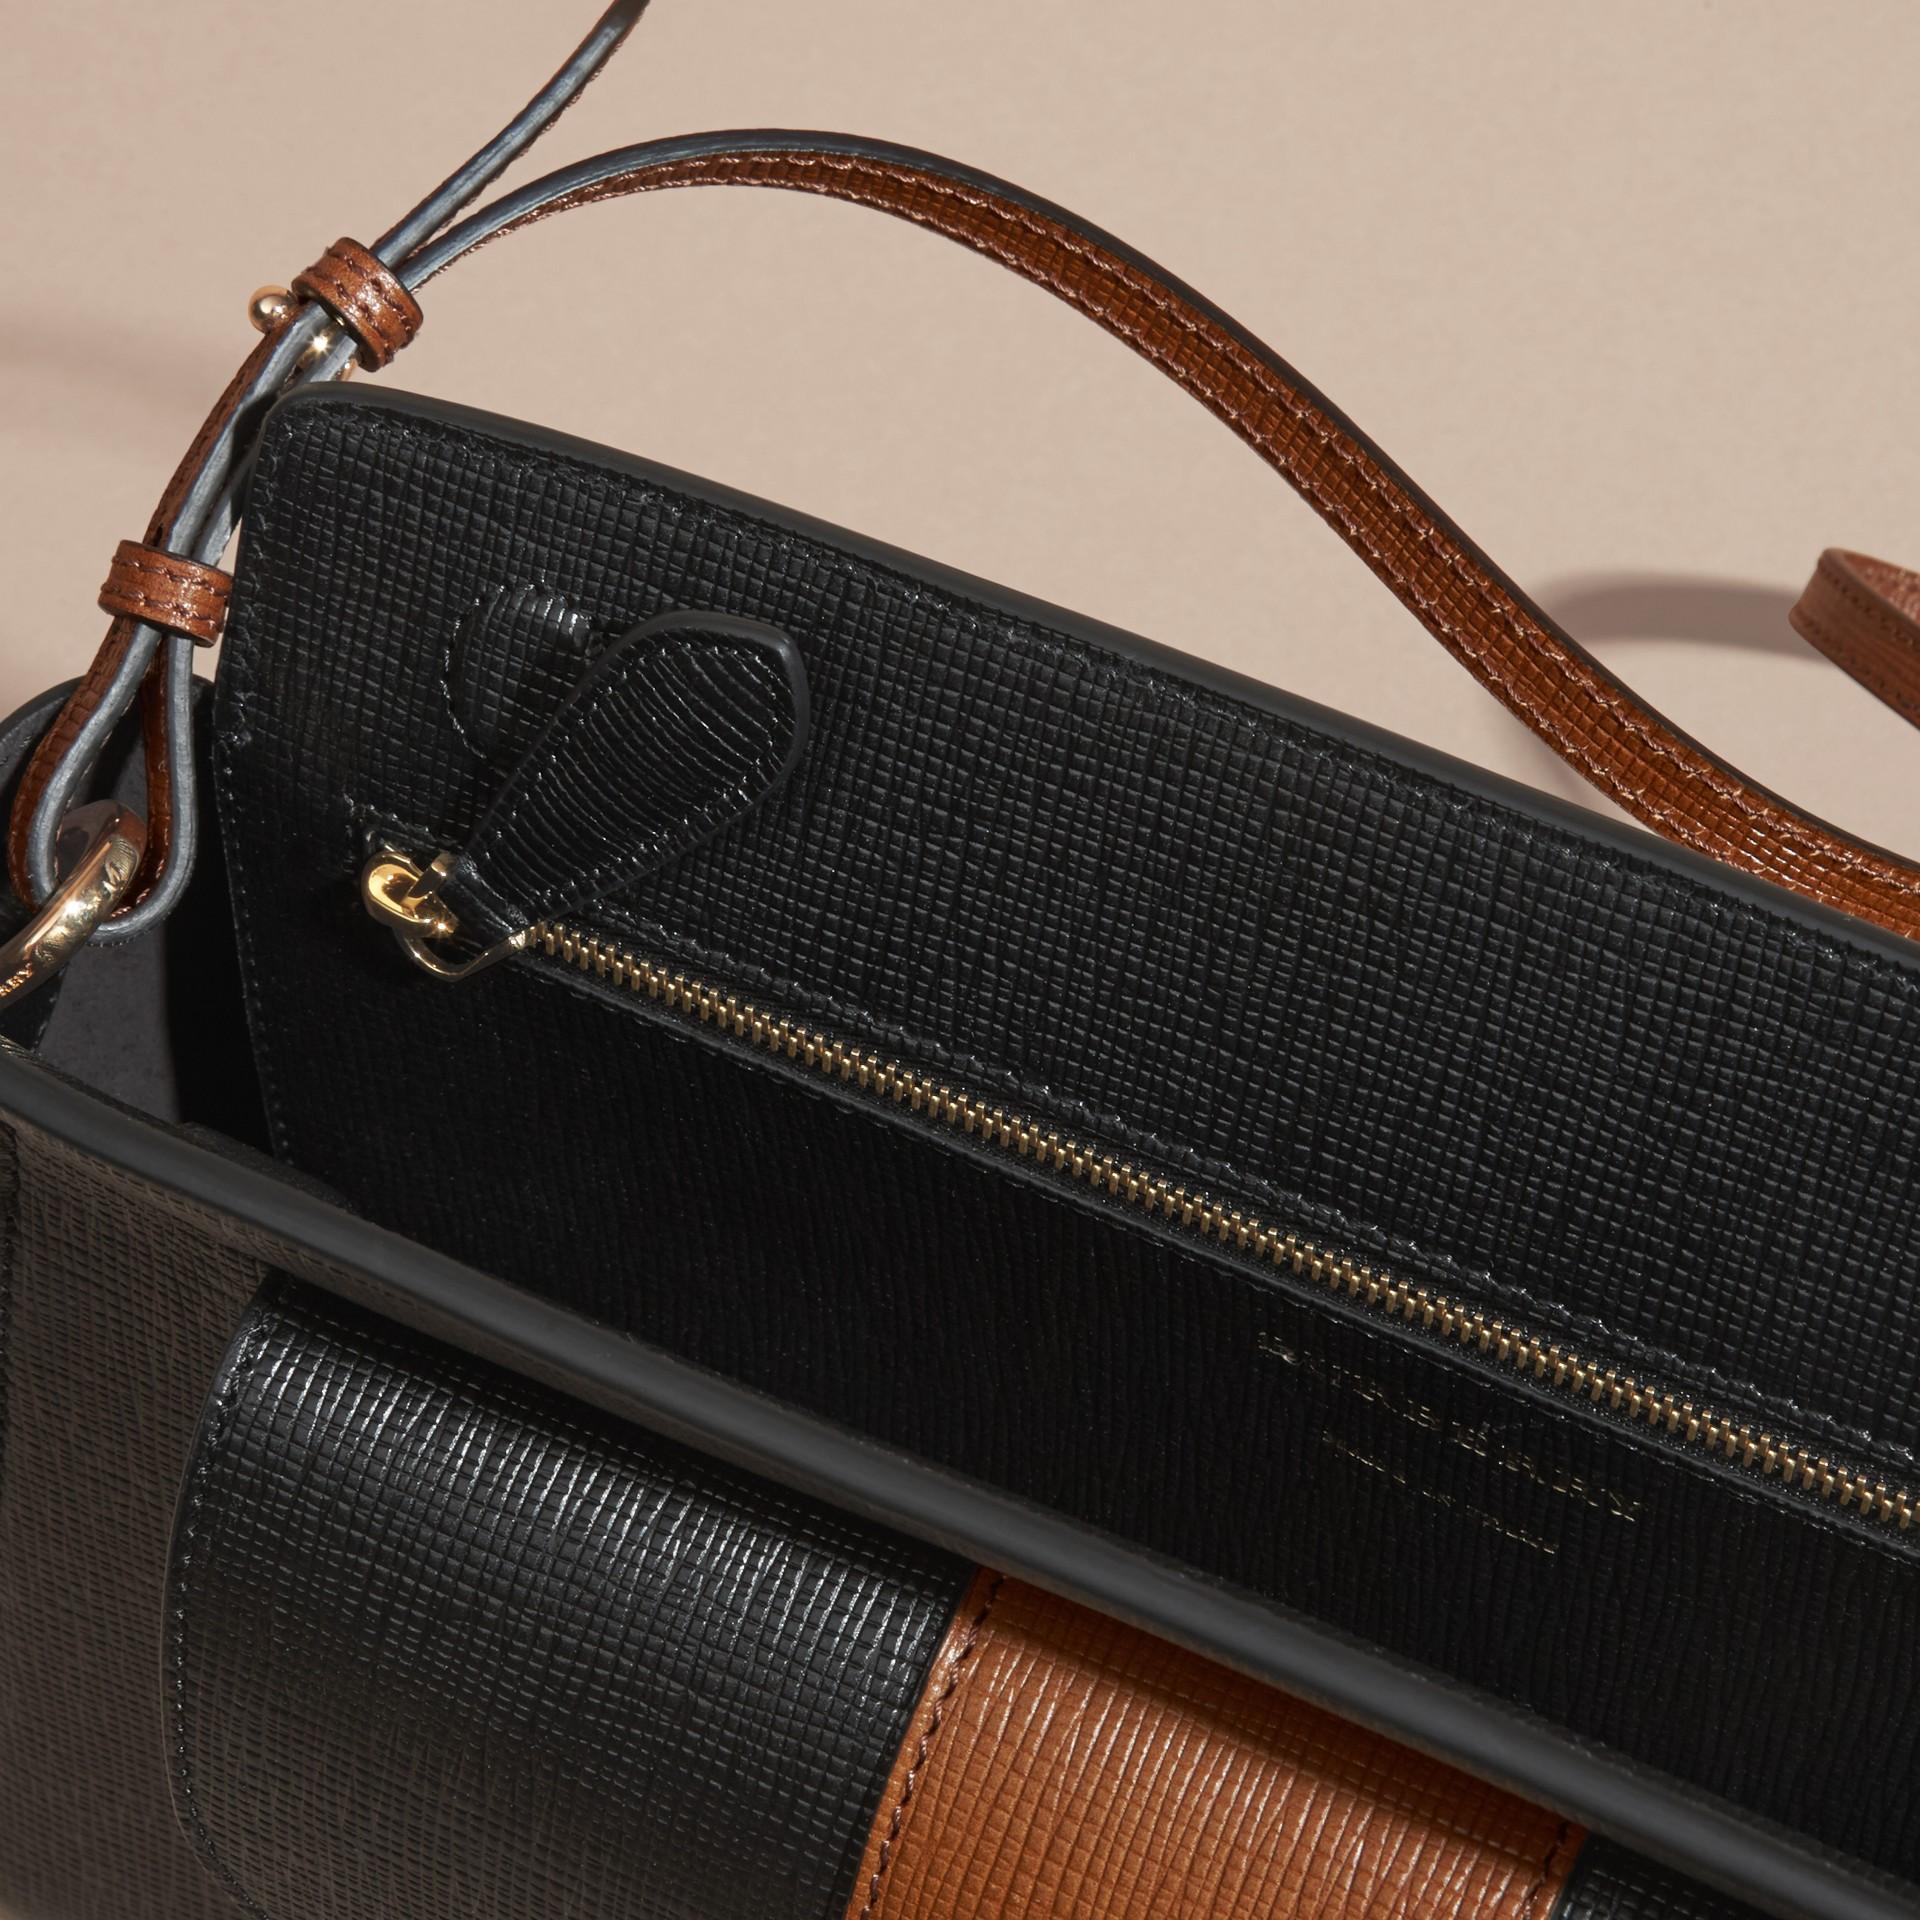 Черный Сумка-клатч Saddle из текстурной кожи - изображение 6